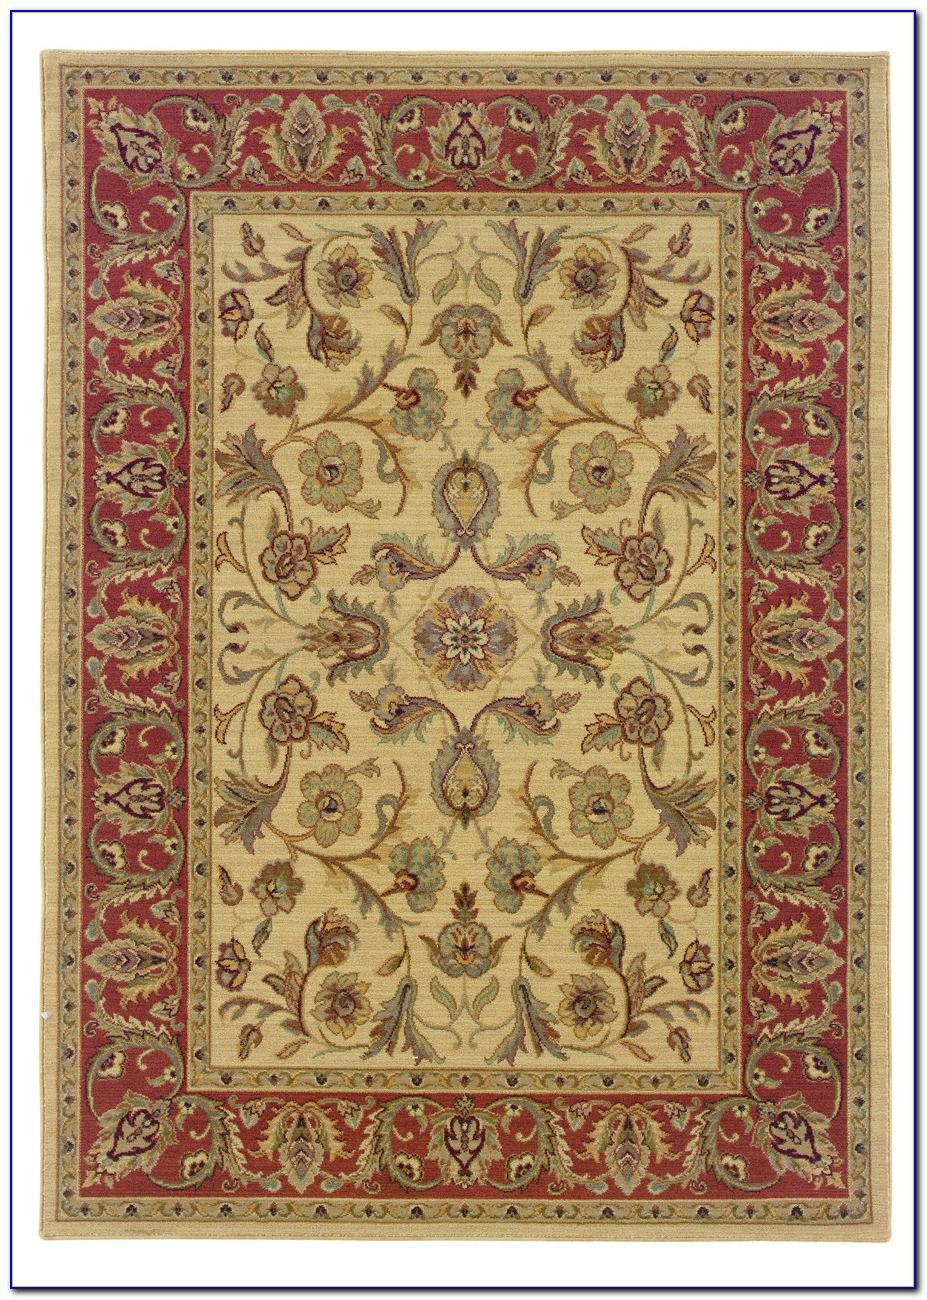 Oriental Weavers Rugs Egypt